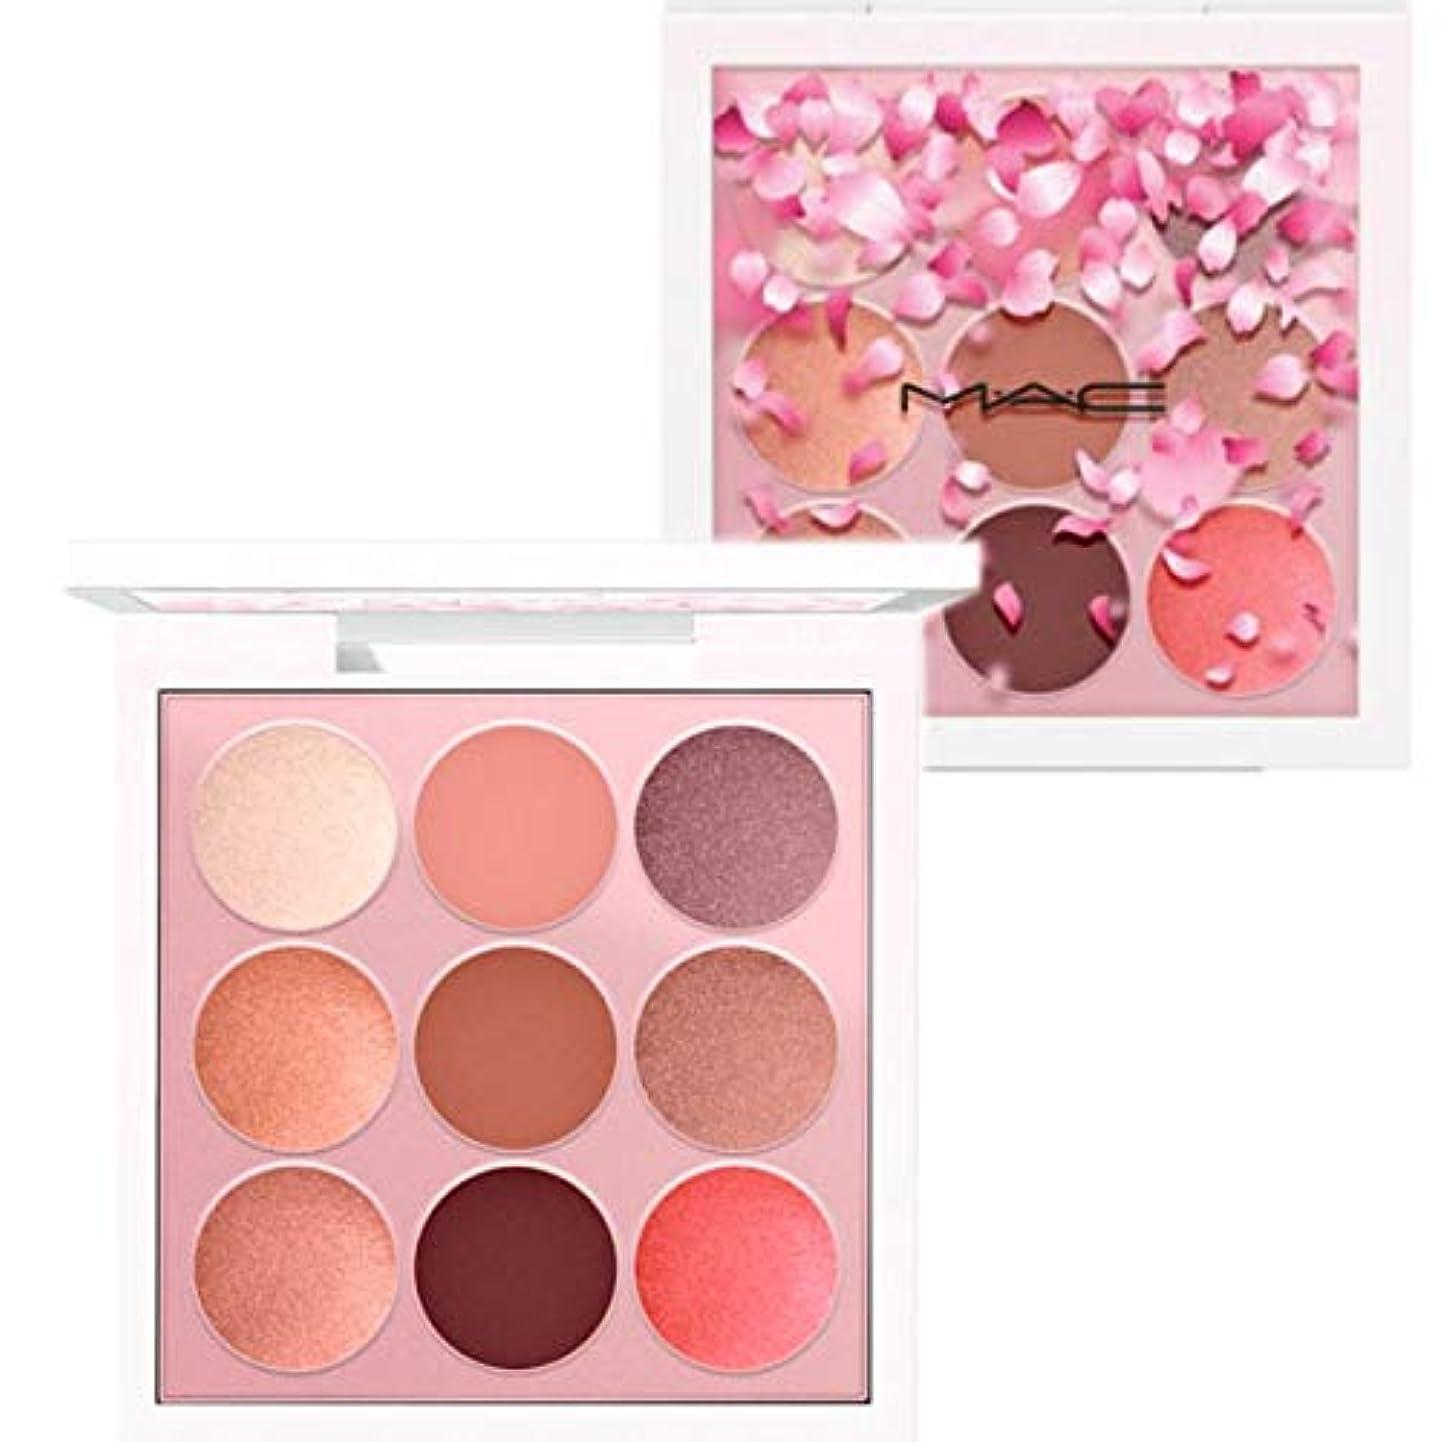 生まれ許可魔女MAC ?マック, 限定版, Eye Shadow x 9: Kabuki Doll Palette/Boom, Boom, Bloom [海外直送品] [並行輸入品]